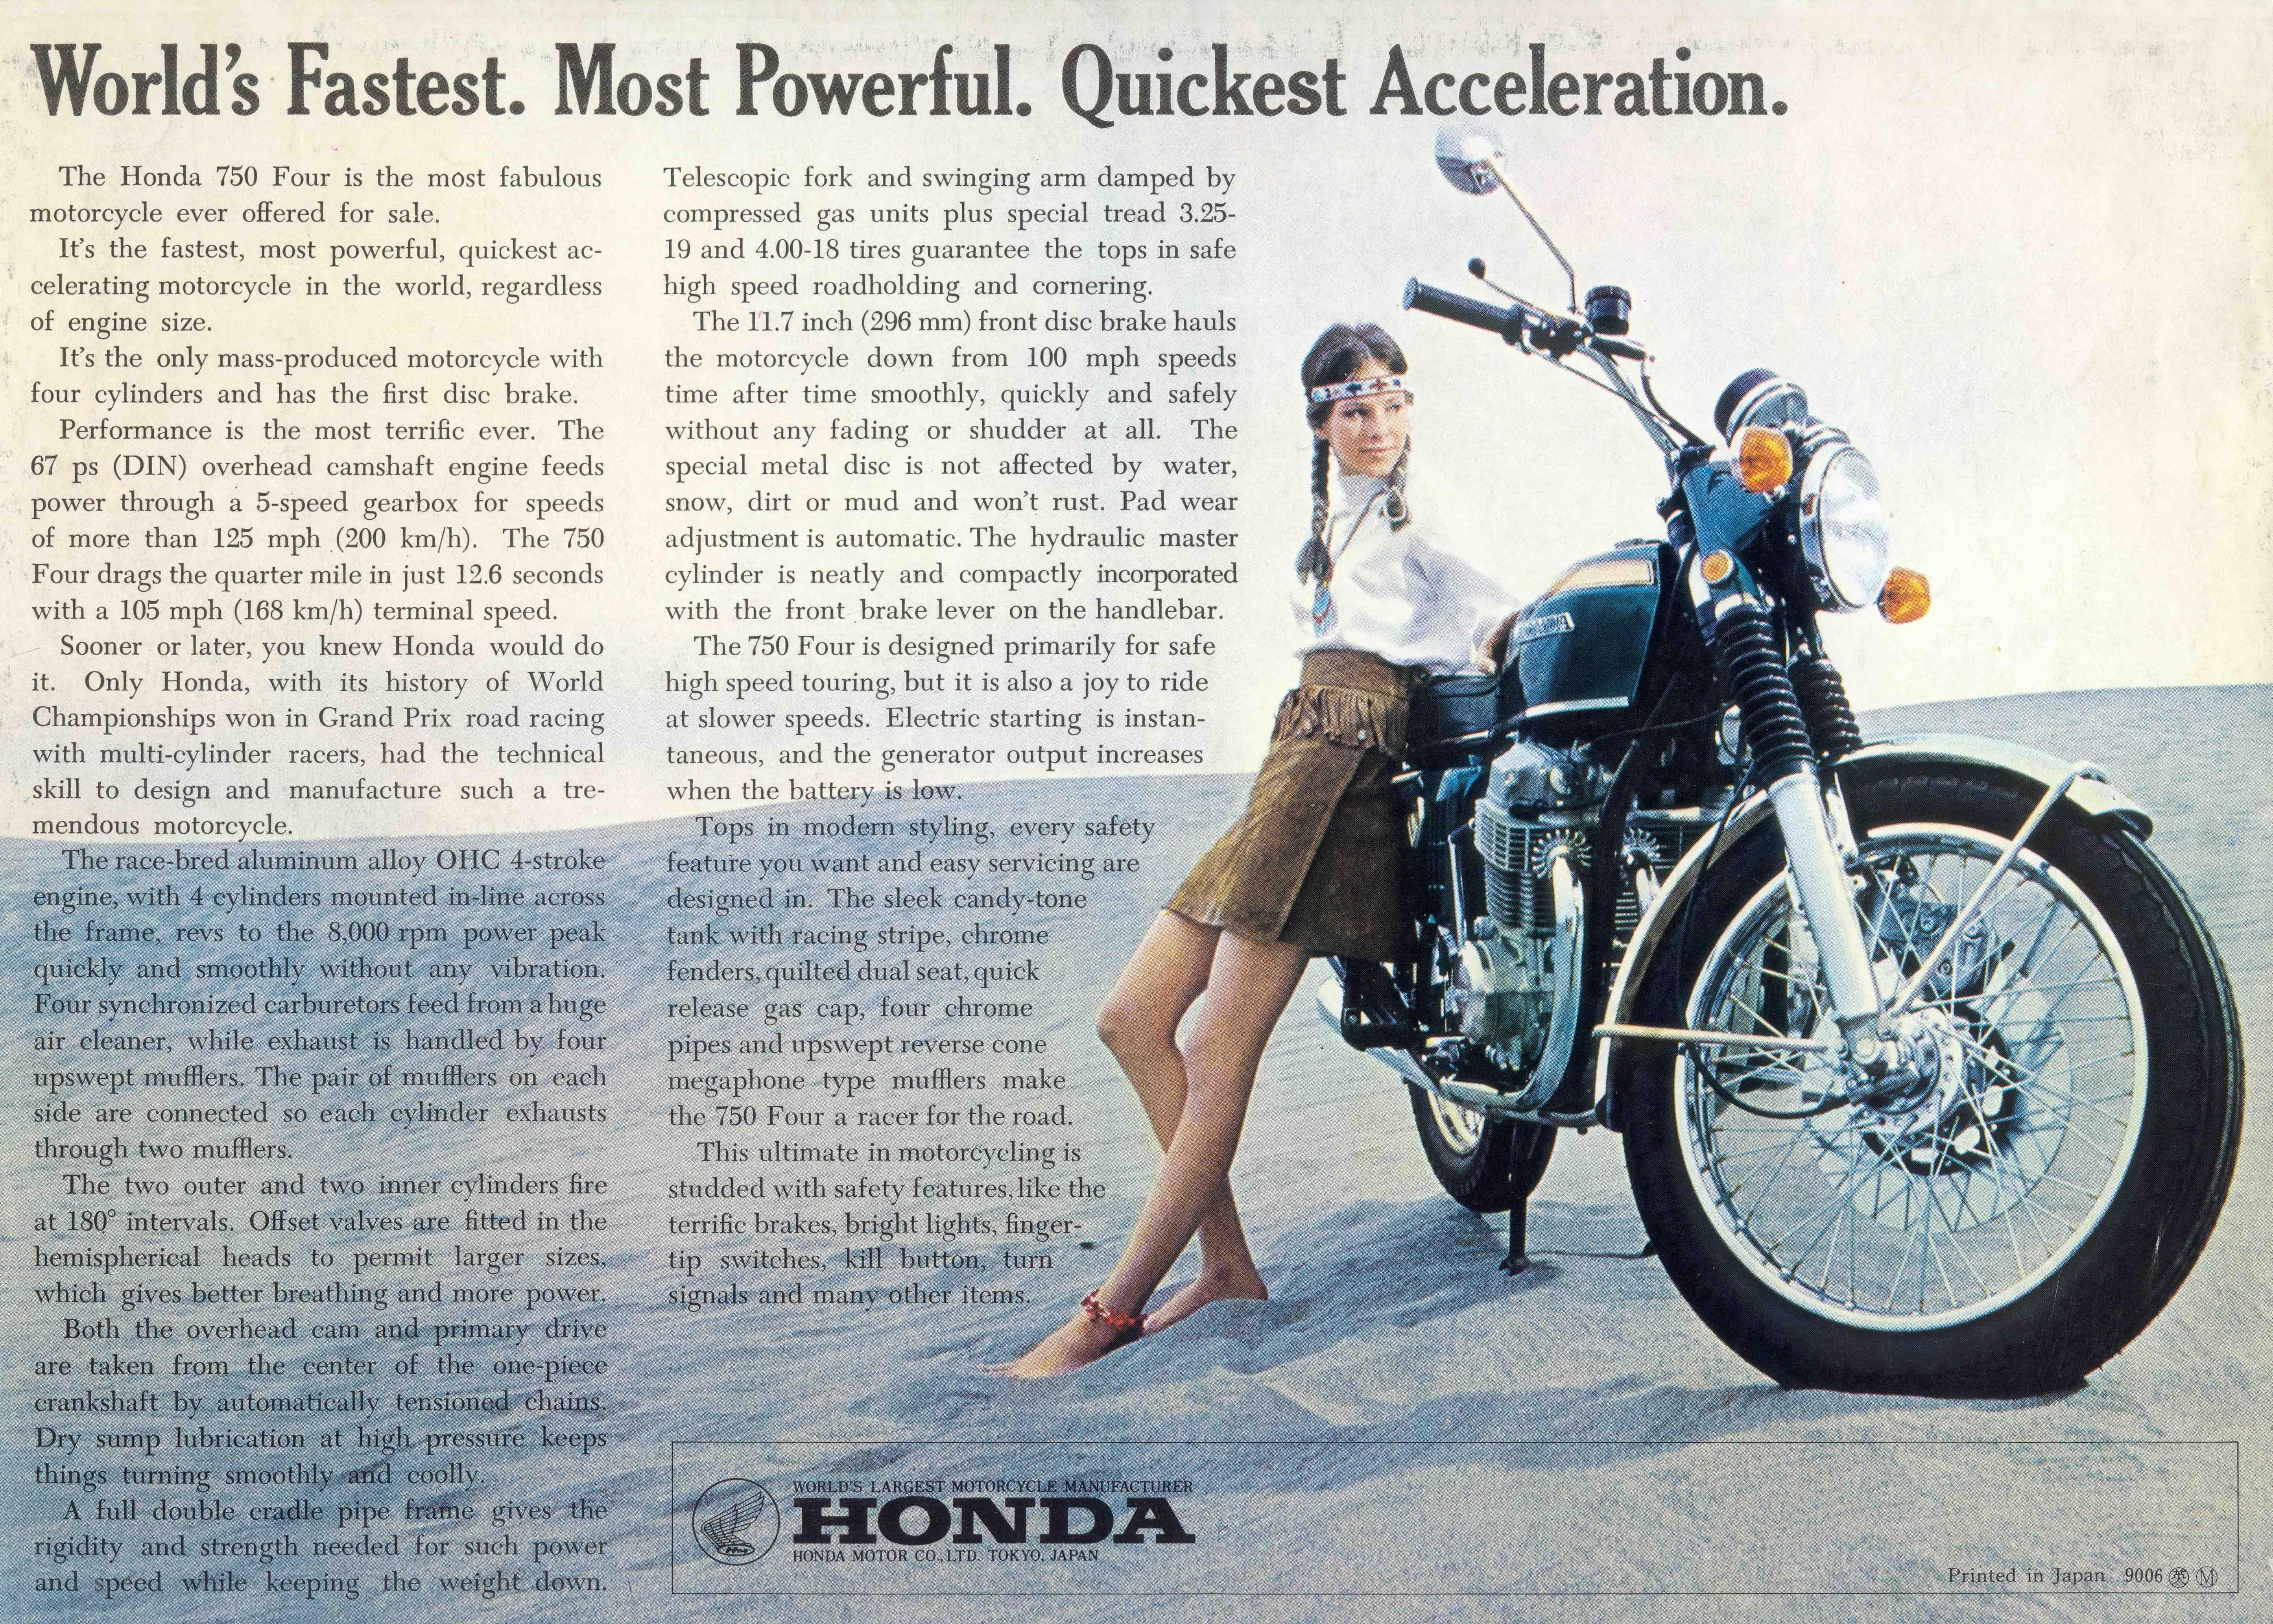 1969 Honda C100 Super Cub